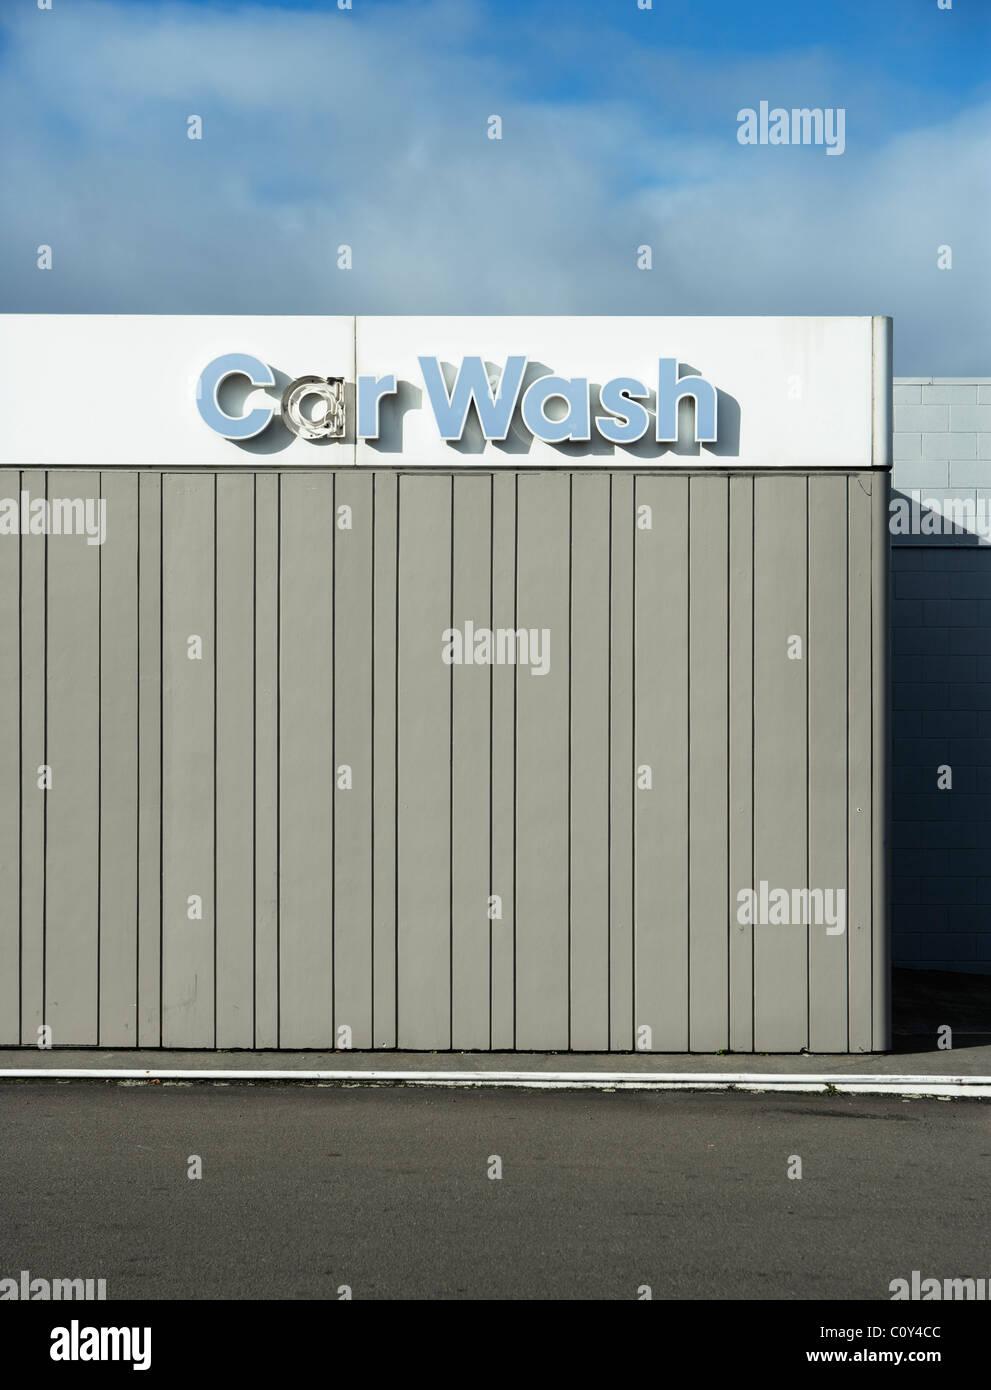 Car wash, New Zealand. - Stock Image